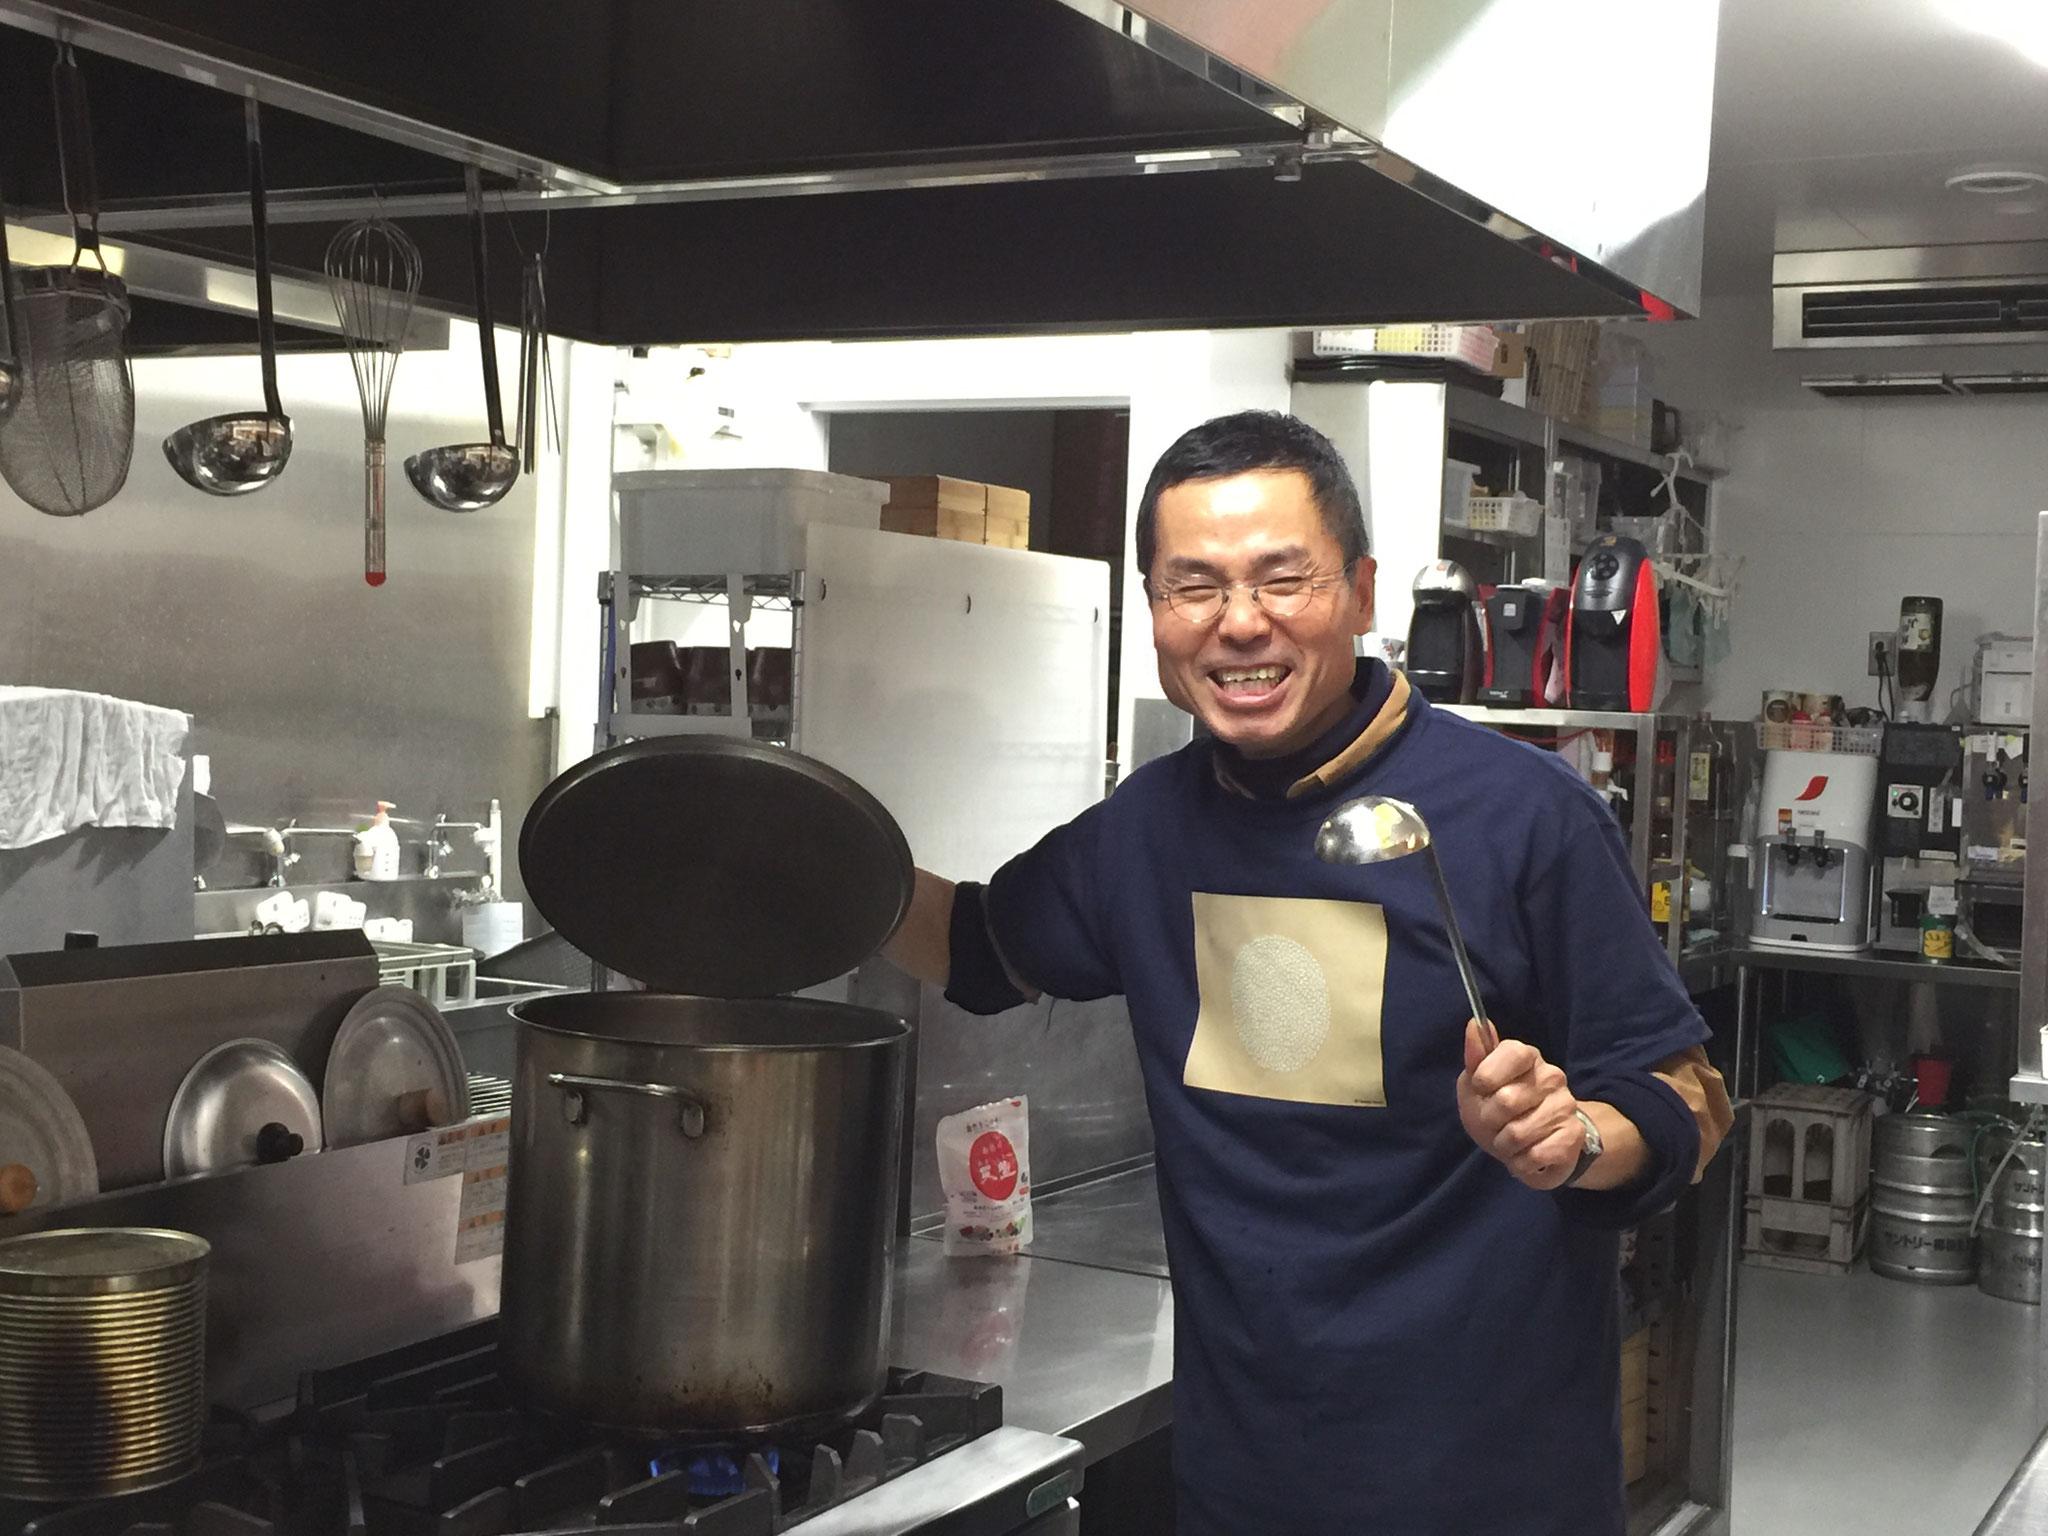 「さくさく」さんの厨房をお借りしてポトフを作る本田さん♪